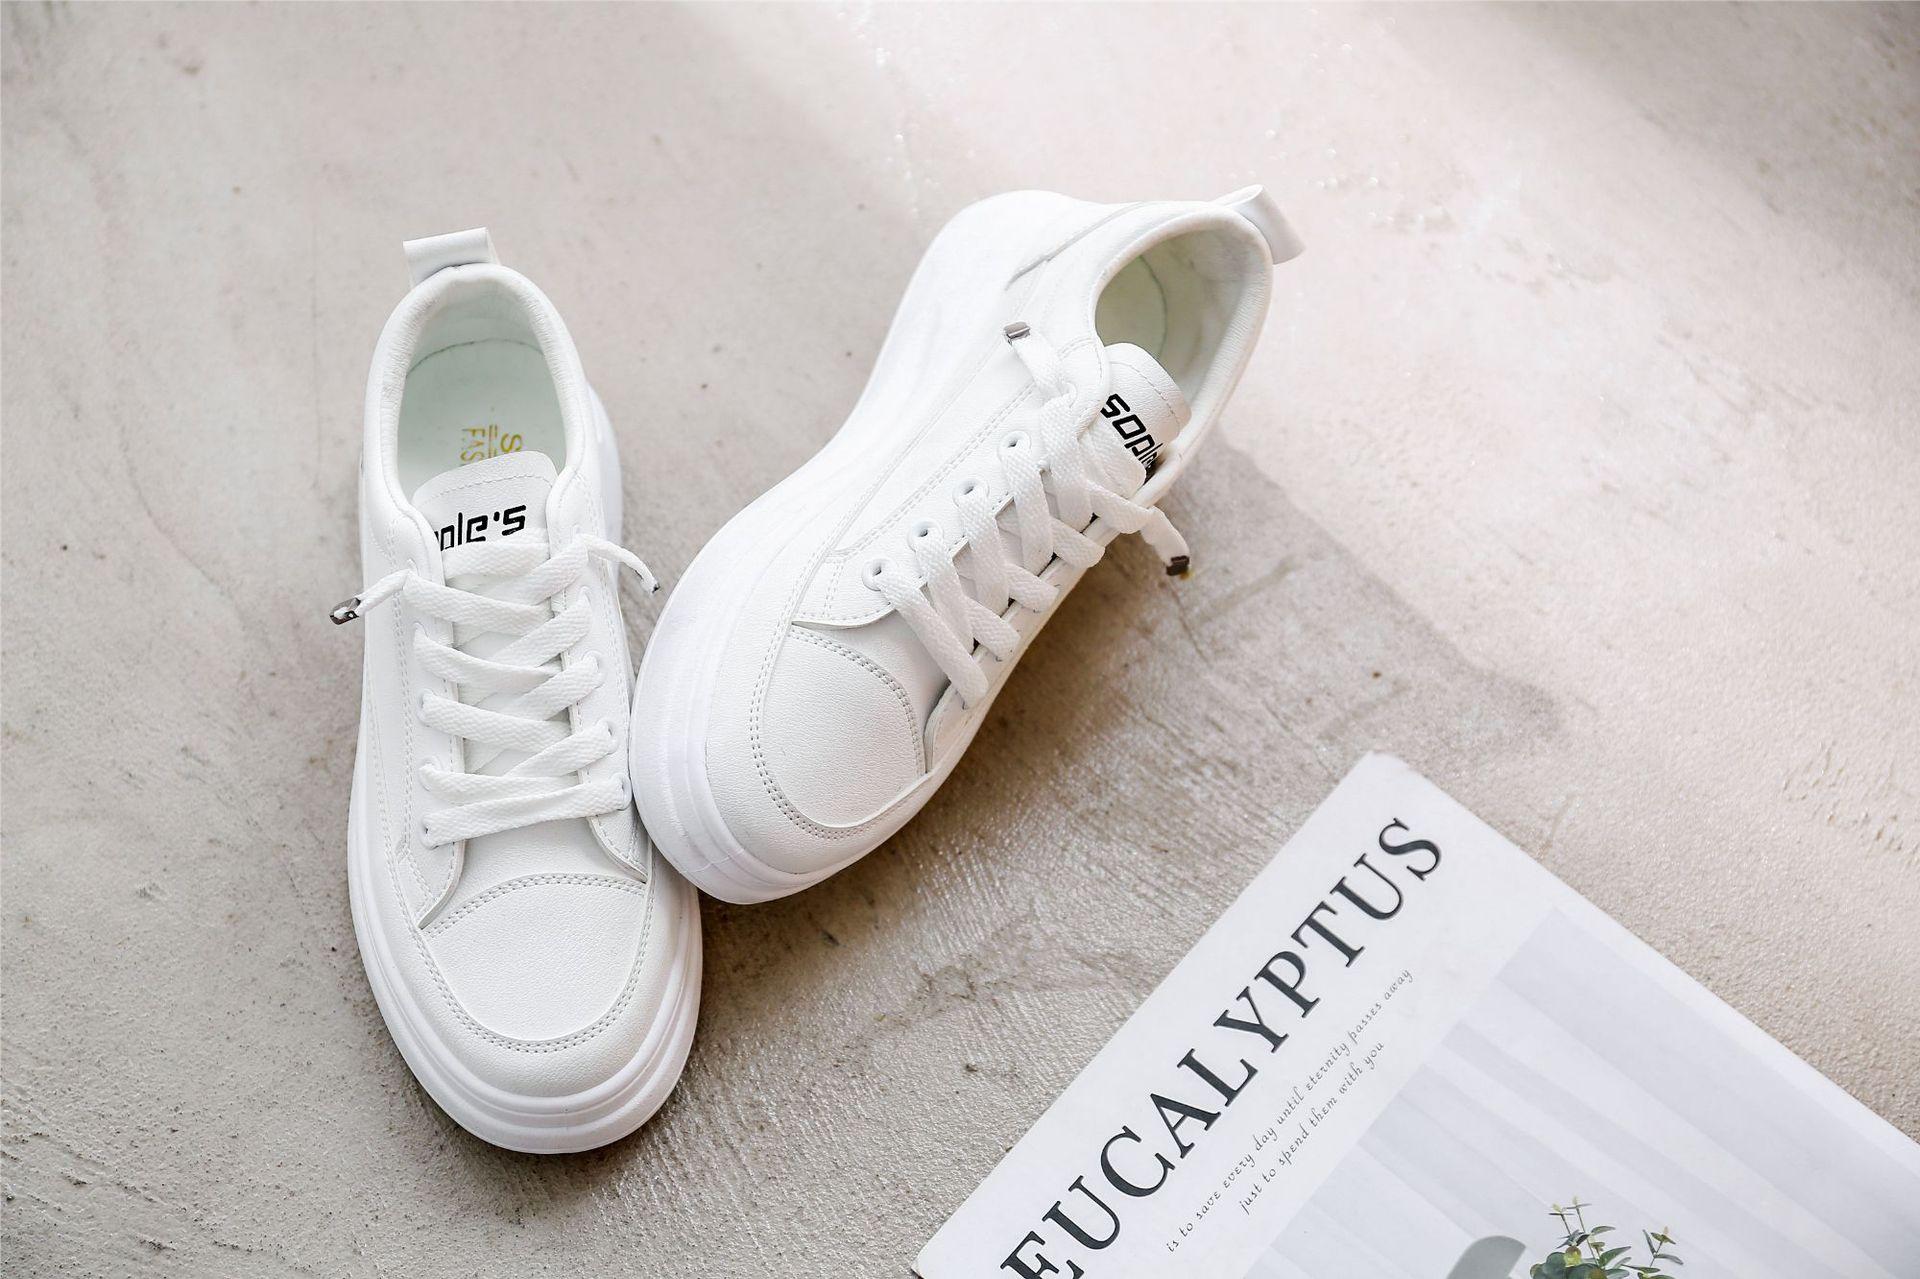 Swyivy sapatos casuais das mulheres tênis plataforma